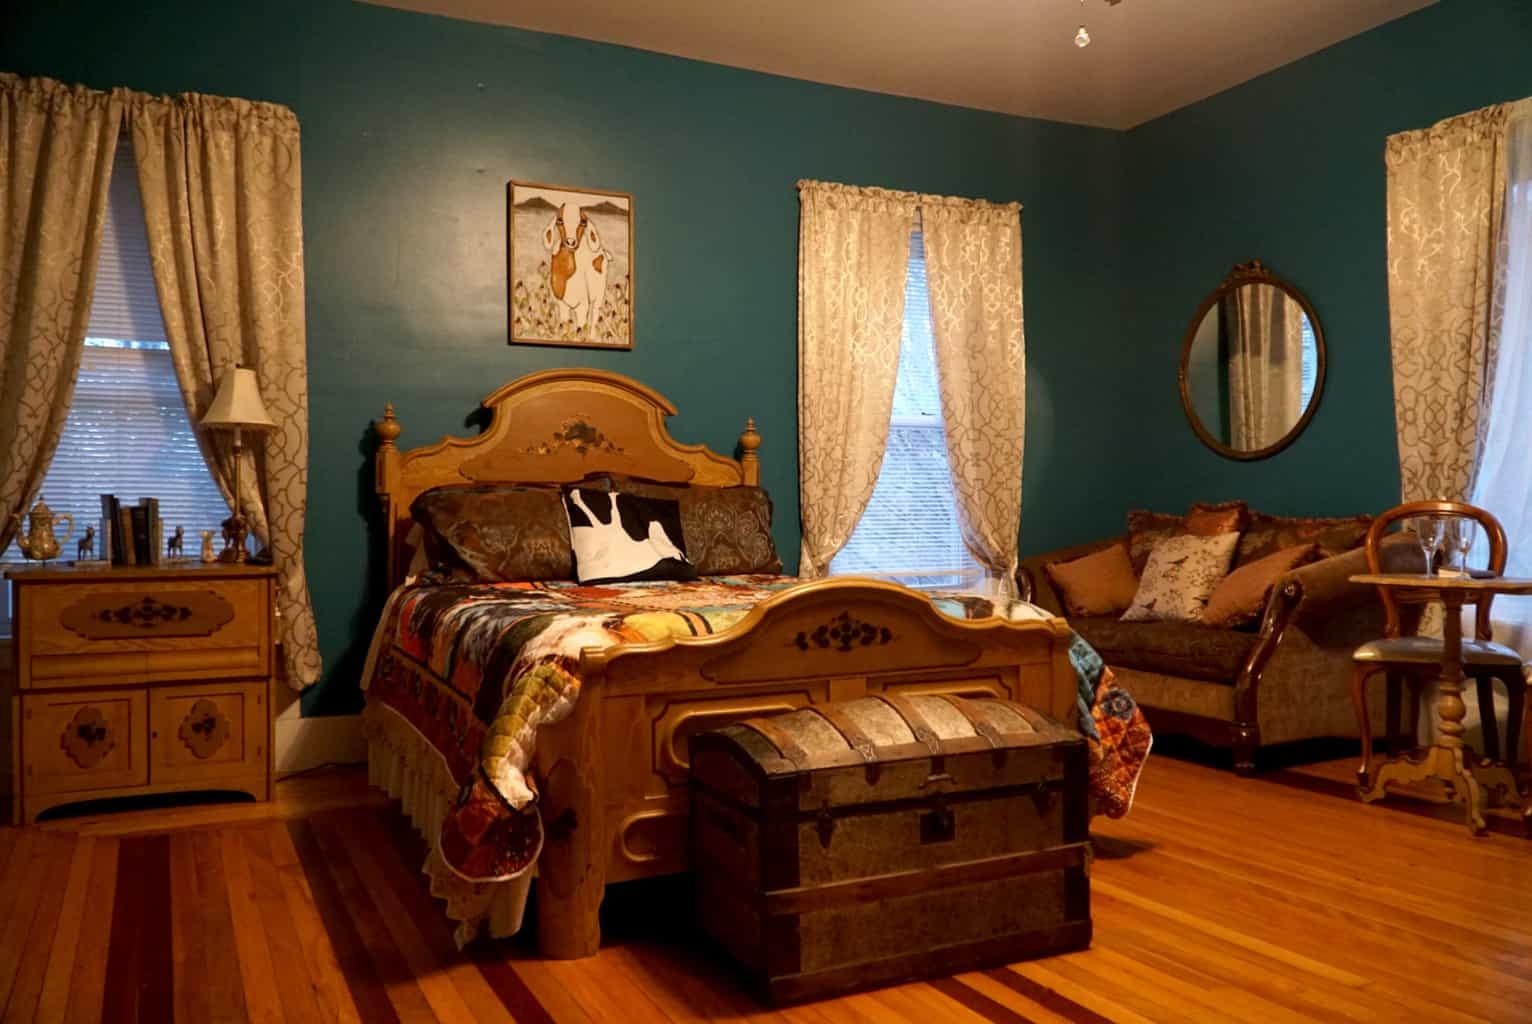 The Angora Room at the Fainting Goat Island Inn.